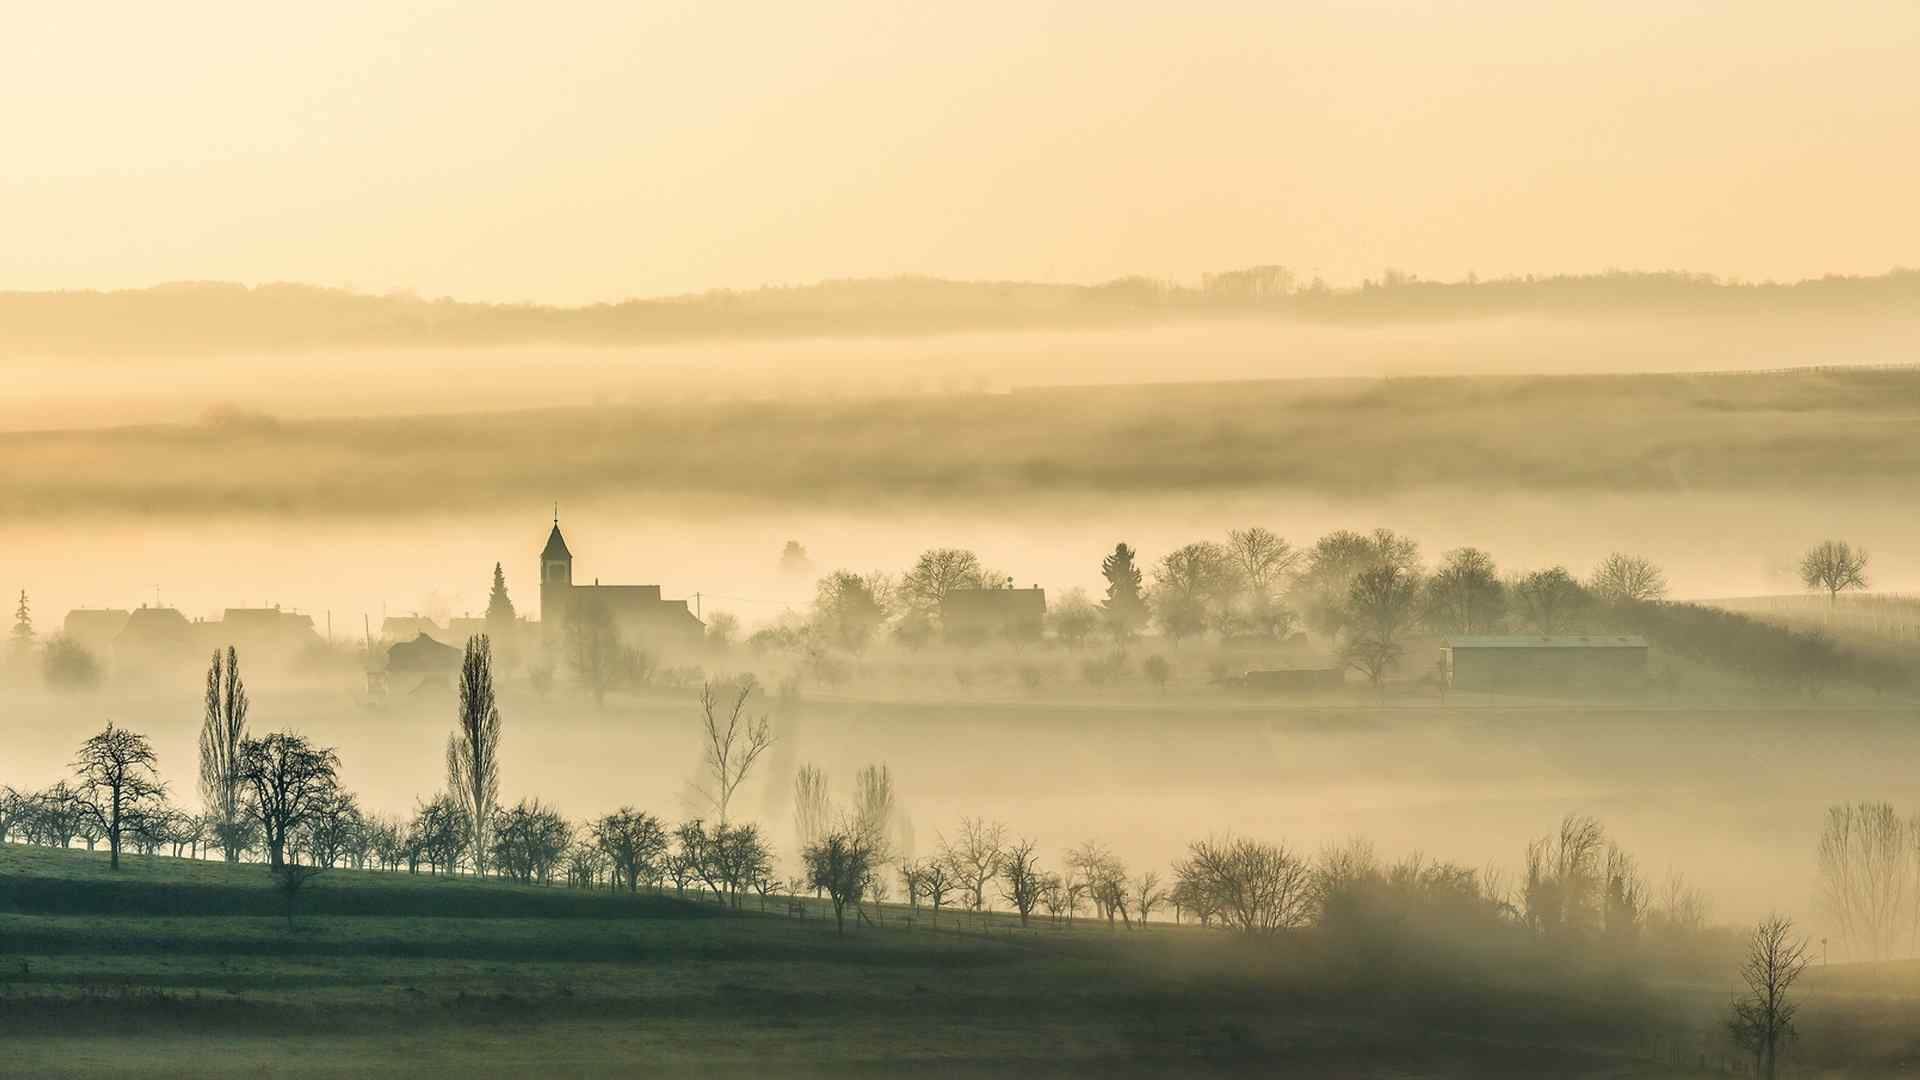 唯美充滿意境的大自然美景高清壁紙圖片